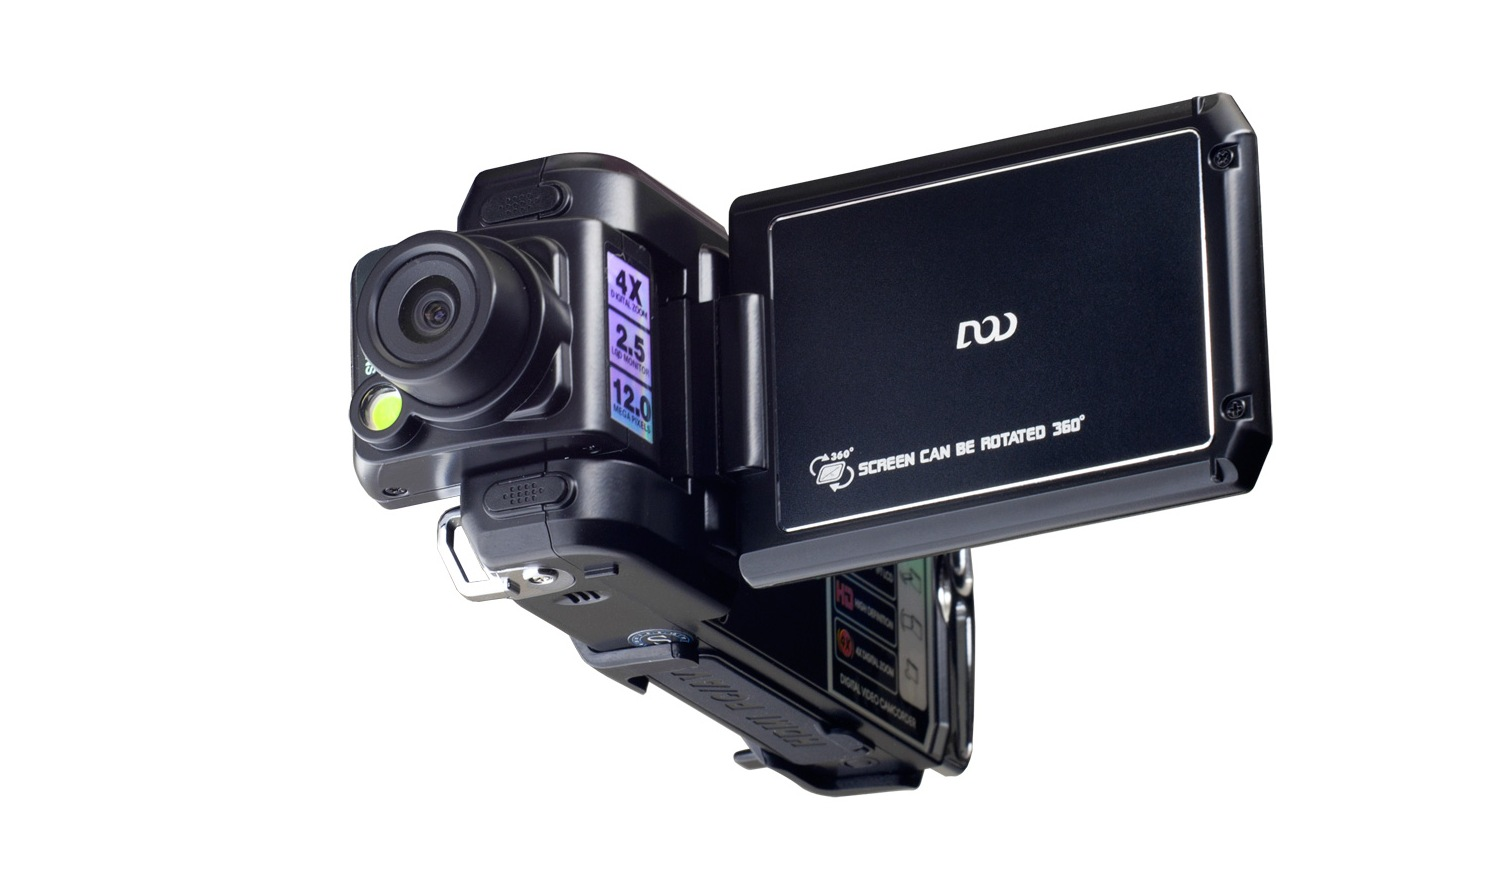 инструкции на русском на автомобильный видеорегистратор dvr f70 hd